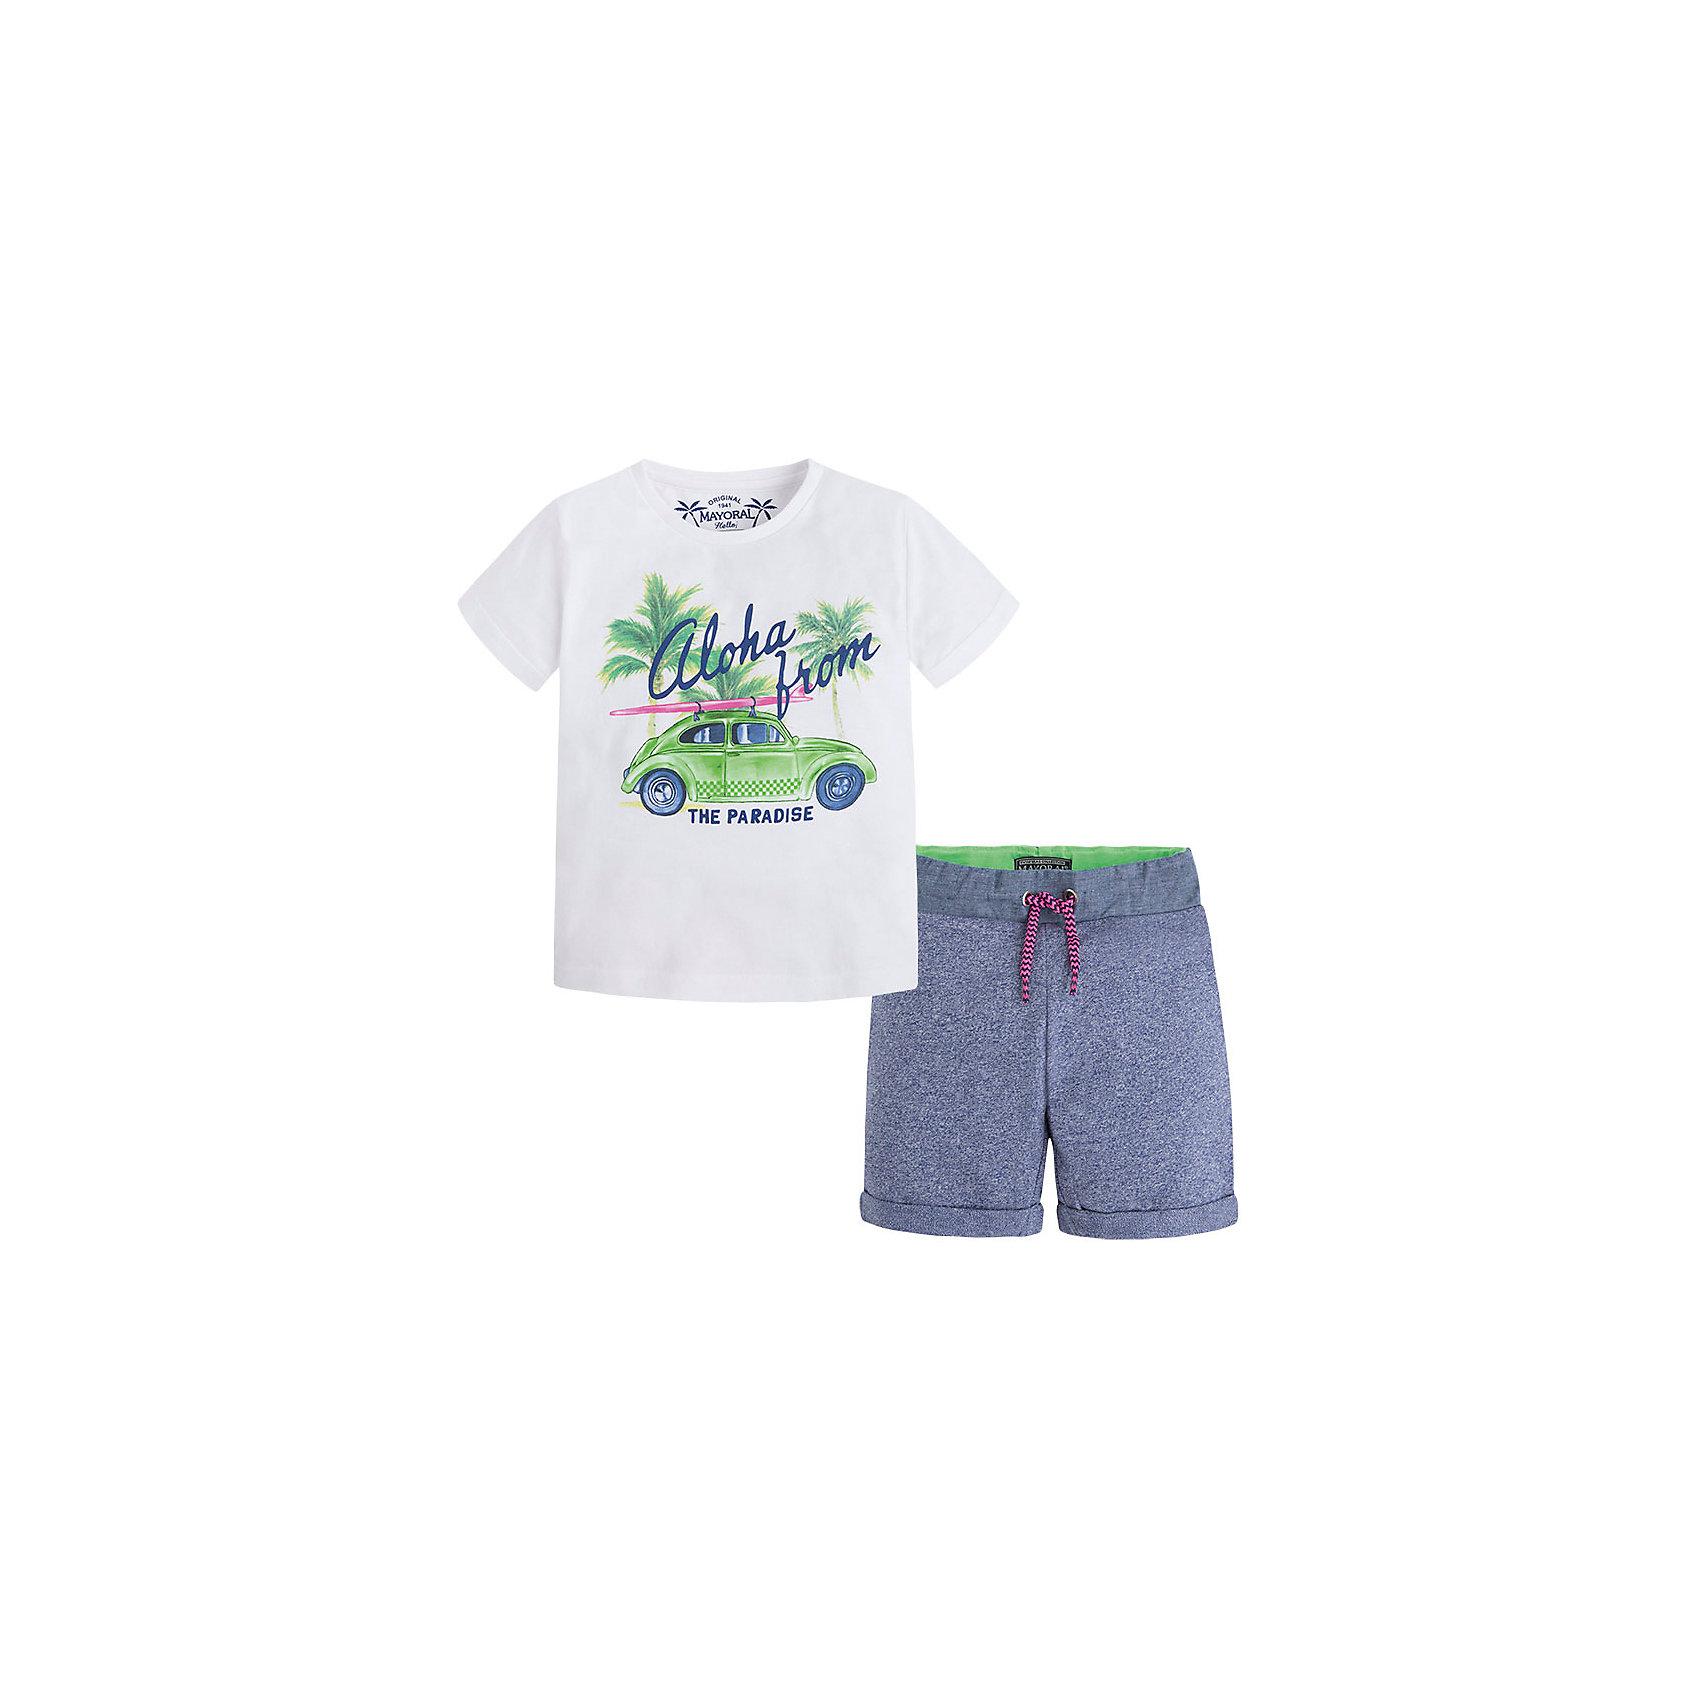 Комплект для мальчика: футболка и шорты MayoralКомплект: футболка и шорты для мальчика от известной испанской марки Mayoral <br><br>Модная футболка с шортами от Mayoral особенно актуальны в теплое время года! Она прекрасно сочетаются и с другими вещами.  Модель выполнена из качественных материалов, отлично сидит по фигуре.<br><br>Особенности модели:<br><br>- цвет: серый, белый;<br>- принт;<br>- шорты - на резинке и шнурке;<br>- натуральный материал.<br><br>Дополнительная информация:<br><br>Состав: 100% хлопок<br><br>Комплект: футболка и шорты для мальчика Mayoral (Майорал) можно купить в нашем магазине.<br><br>Ширина мм: 199<br>Глубина мм: 10<br>Высота мм: 161<br>Вес г: 151<br>Цвет: белый<br>Возраст от месяцев: 84<br>Возраст до месяцев: 96<br>Пол: Мужской<br>Возраст: Детский<br>Размер: 128,134,98,110,92,104,116,122<br>SKU: 4542722